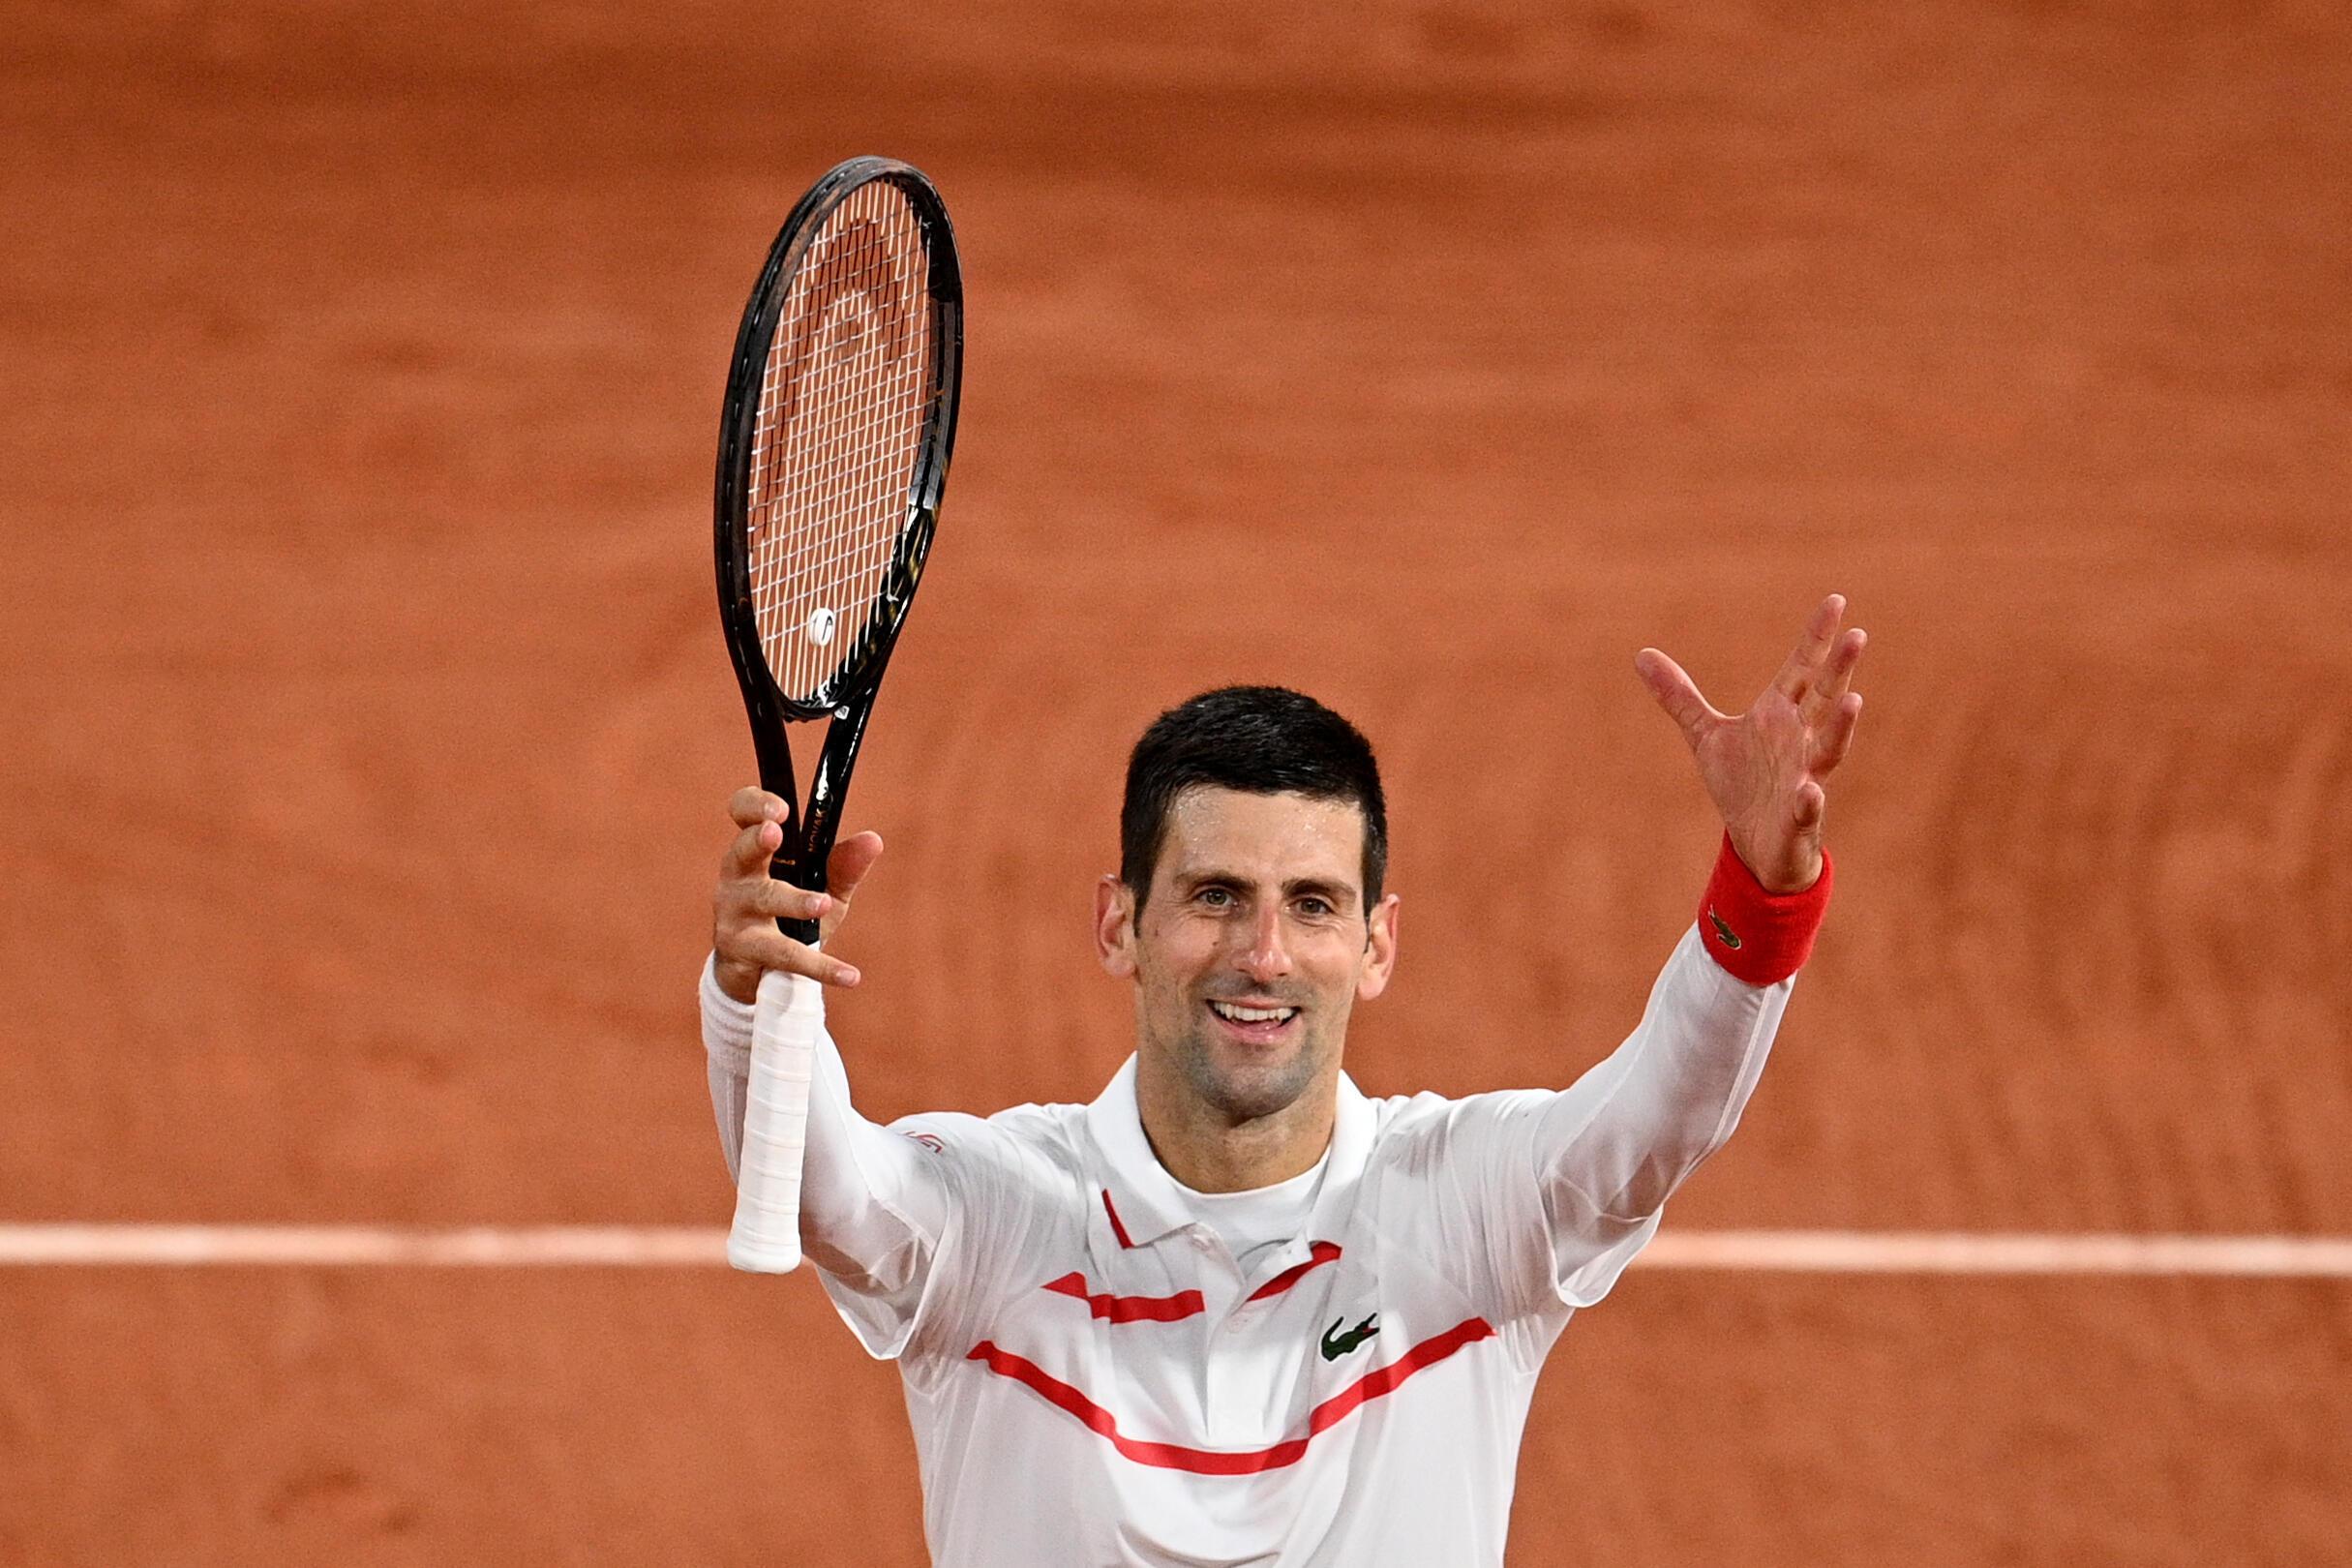 El serbio Novak Djokovic celebra su victoria sobre el colombiano Daniel Galán en la tercera ronda del torneo Abierto de Francia Roland Garros el 3 de octubre de 2020 en París